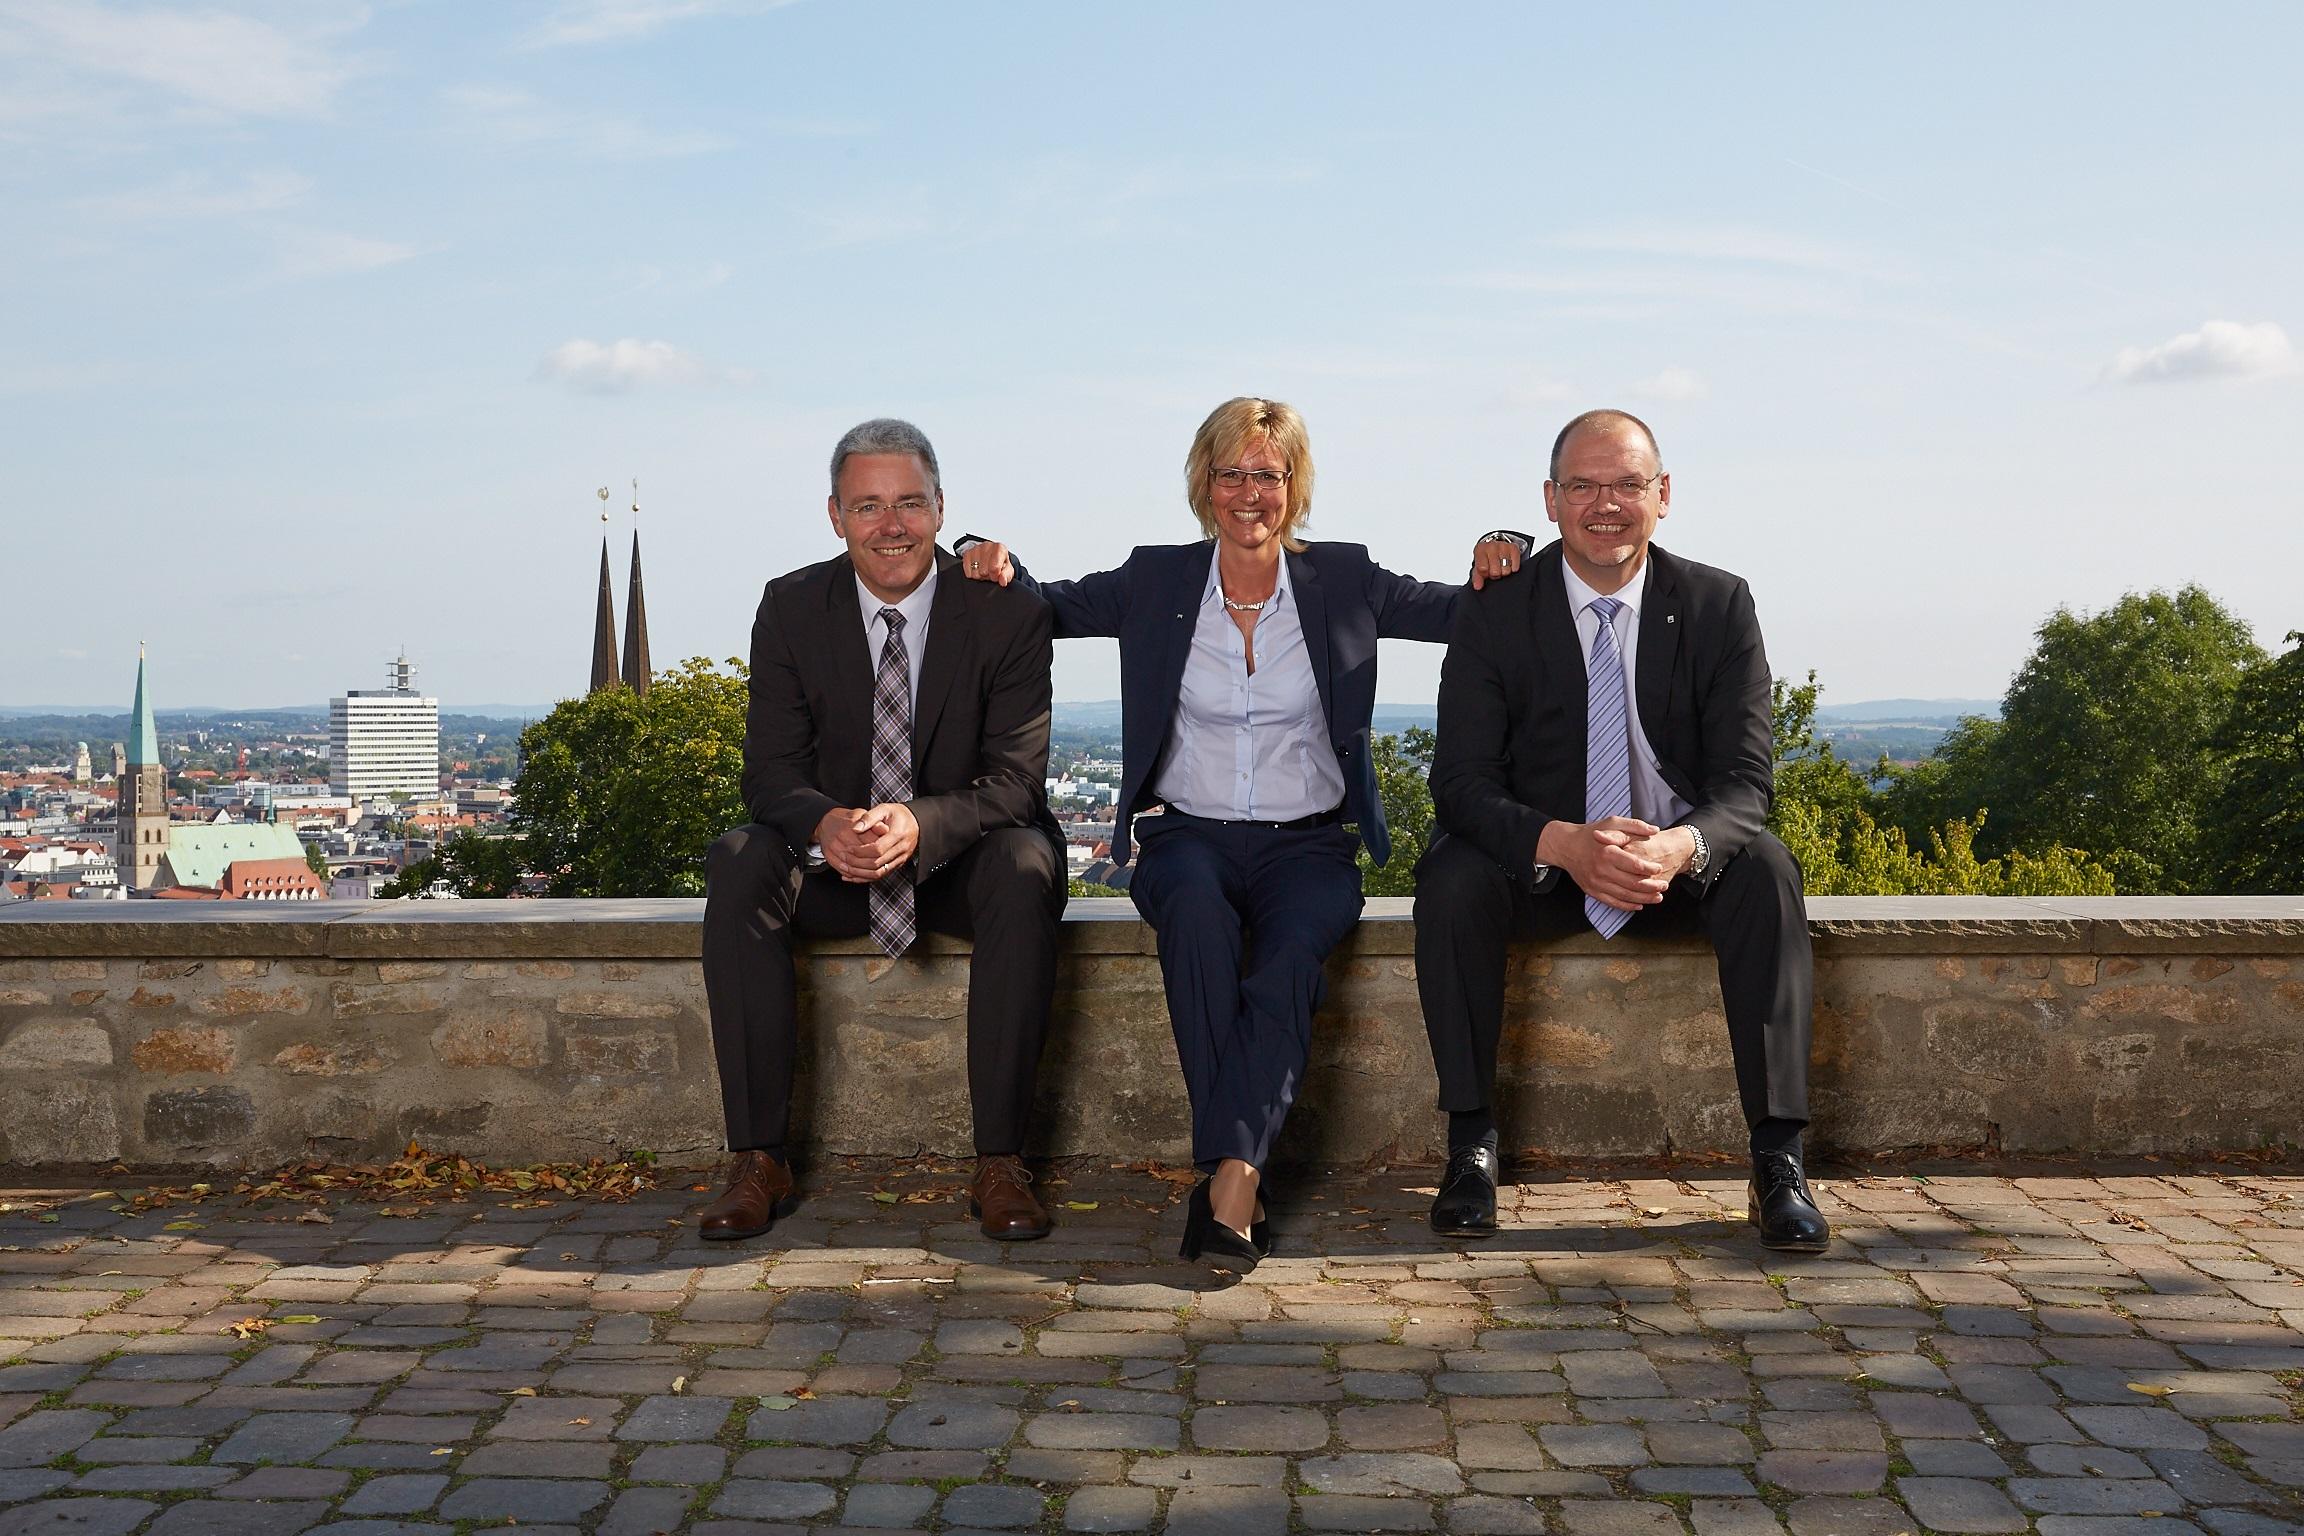 Die Geschäftsleitung von Beckmann & Partner CONSULT: Matthias Wieking, Birgit Schweneker, Hermann Vogel, von links nach rechts